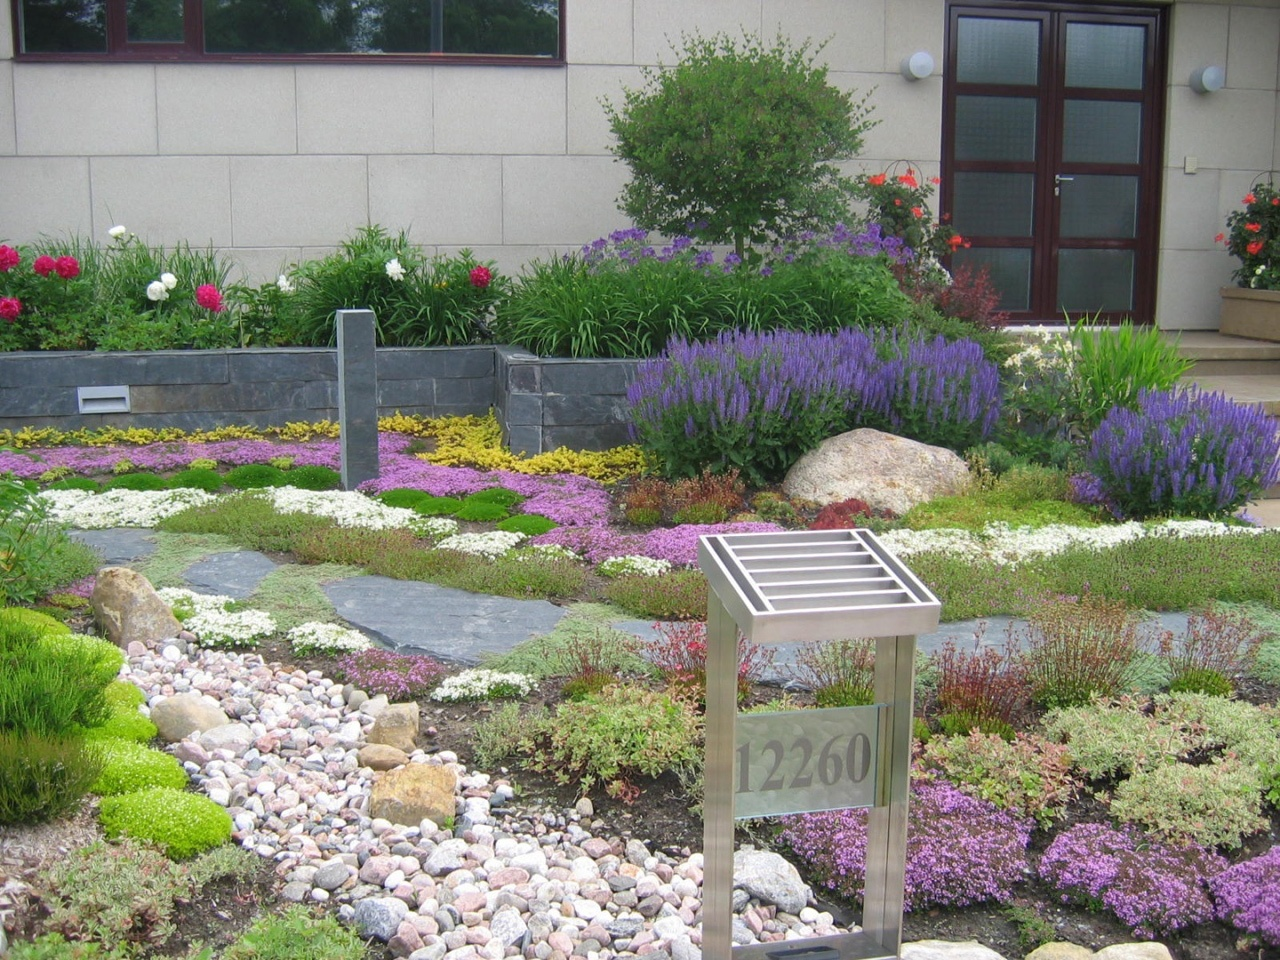 Contemporain les jardins anim s inc - Jardin contemporain et accueillant pour le printemps enidees ...